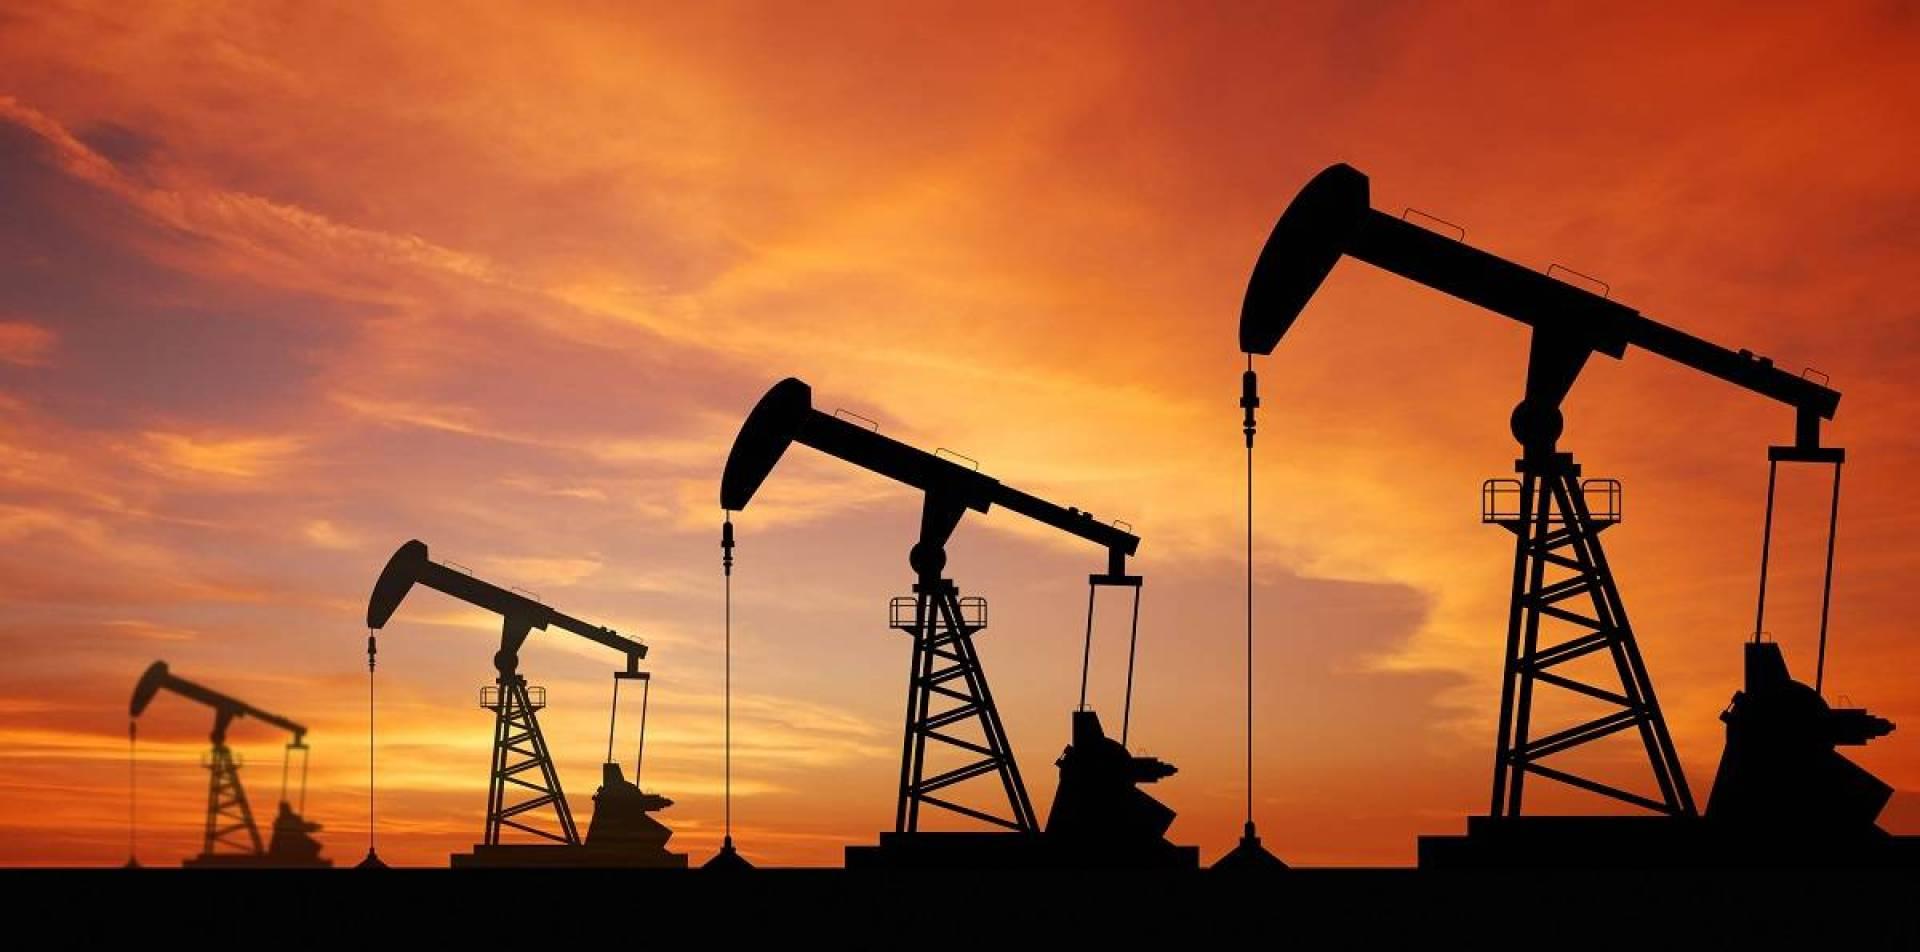 أسعار النفط تهوي.. والخام الأميركي تحت 30 دولاراً للبرميل